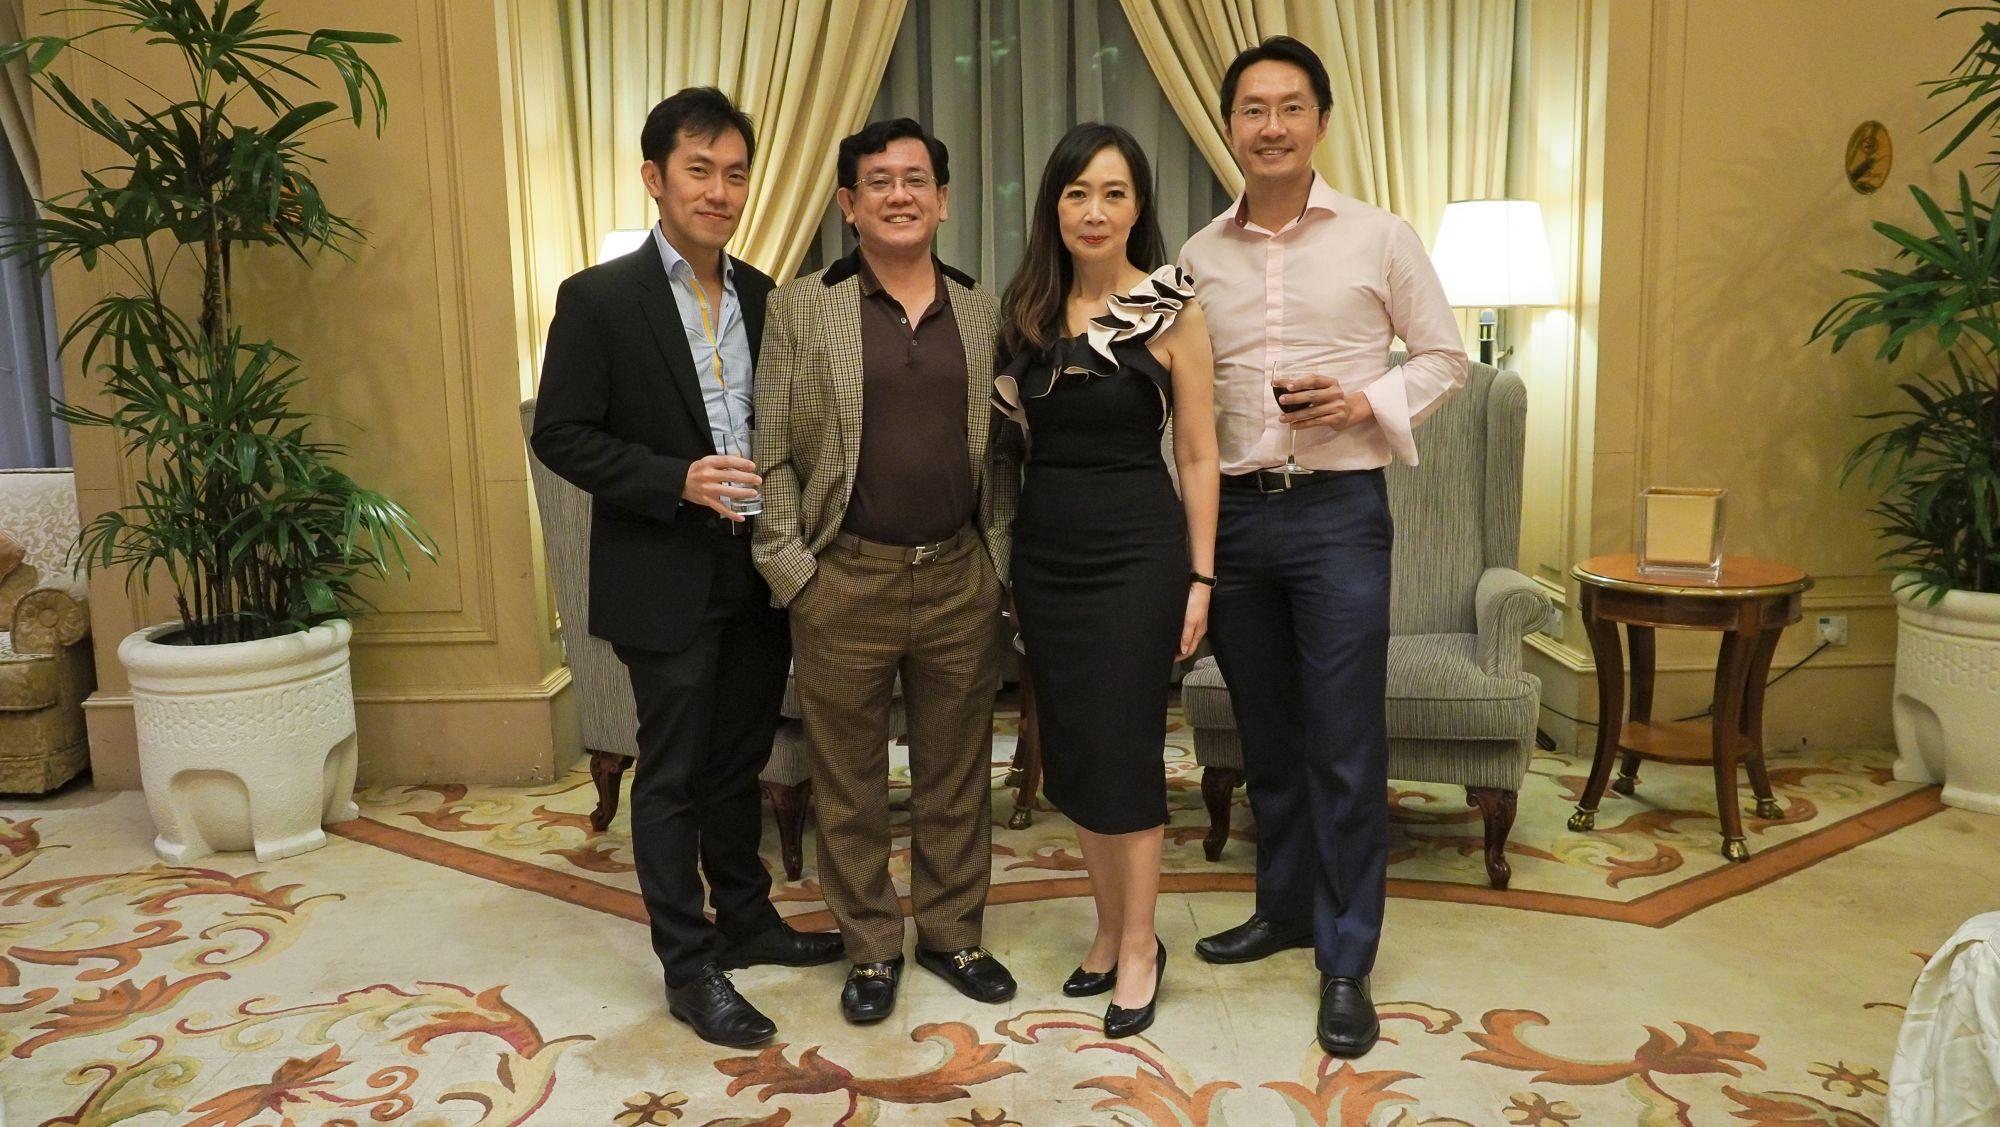 Sean Quek, Peter Tan Shou Yi, Irene SM Lee, Steven Yeah